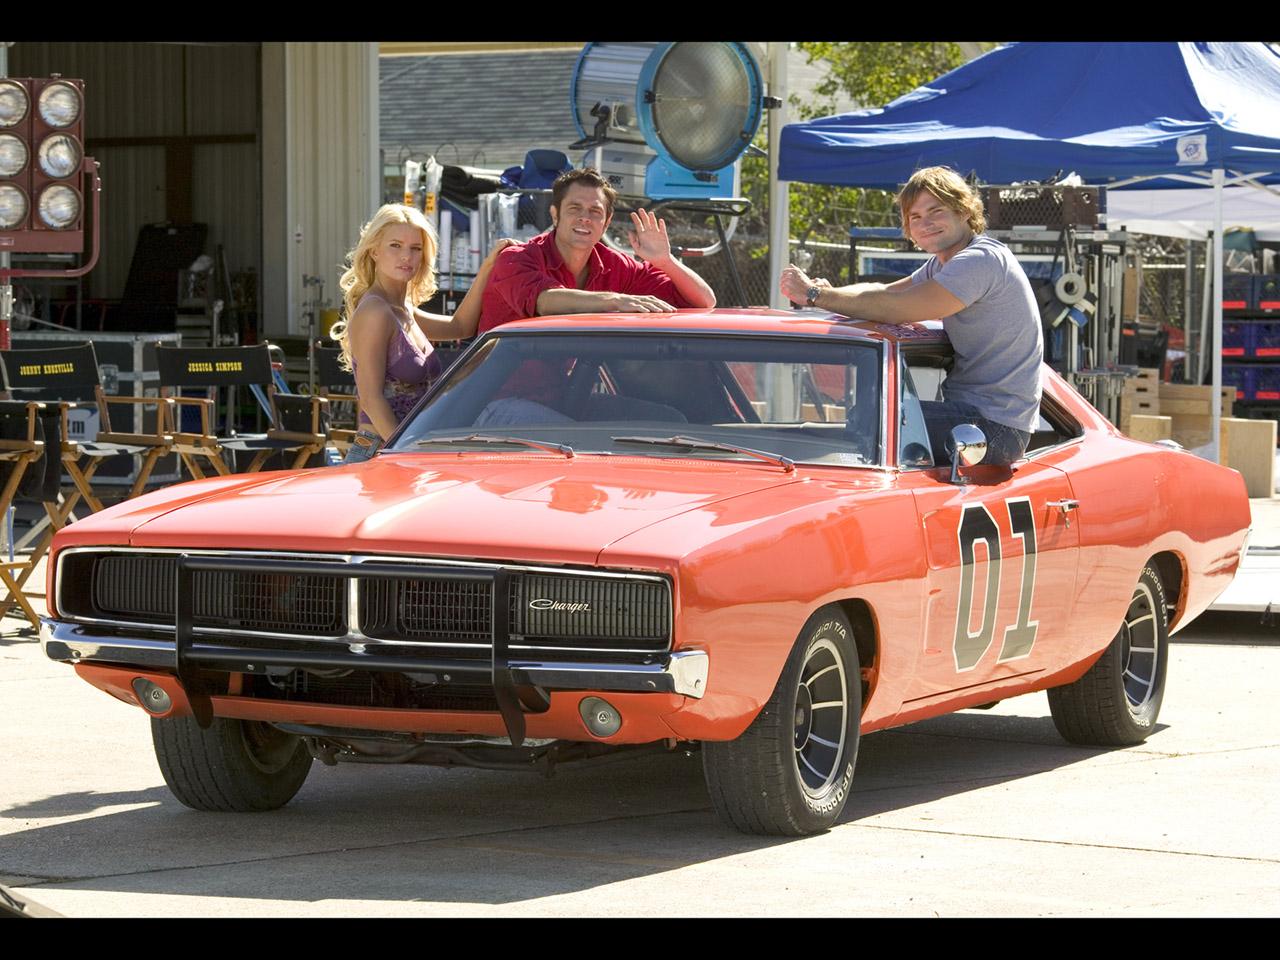 Dodge Charger Customs High Resolution Image Desktop Backgrounds